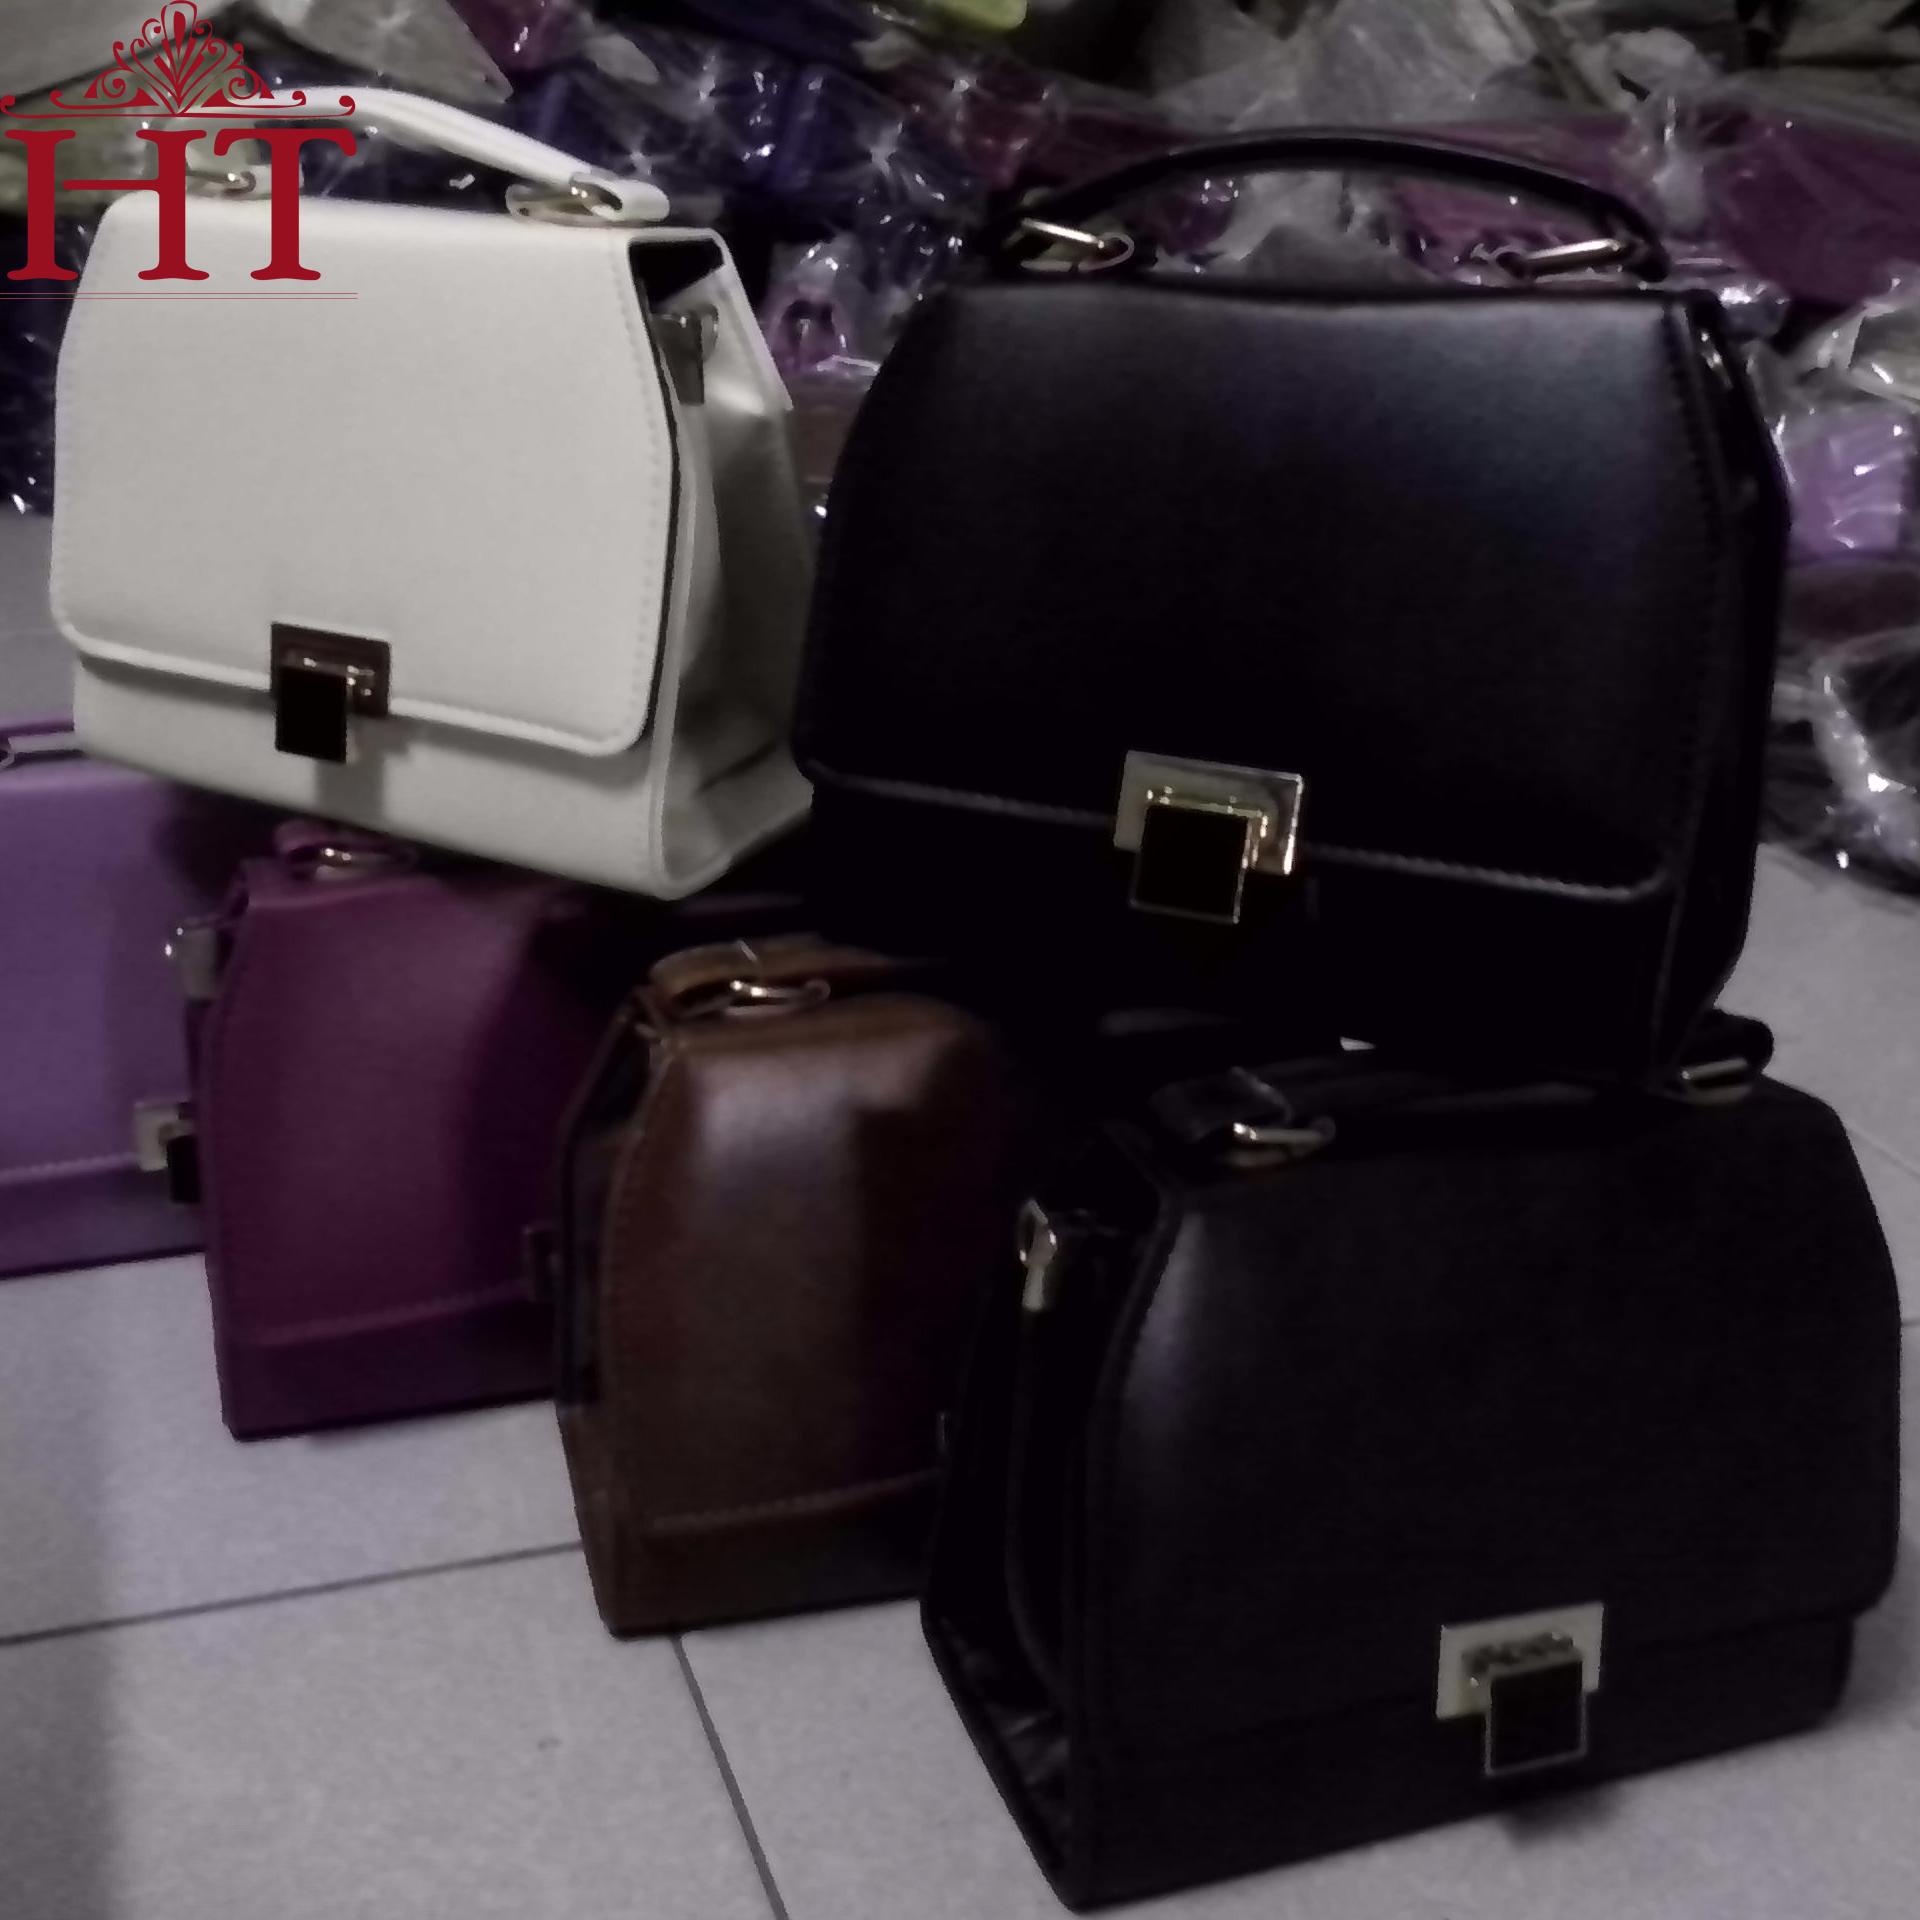 Xưởng sản xuất và gia công túi xách Hiền Trâm - Tổng hợp những mẫu túi xách bán chạy nhất 2014 - phần 1